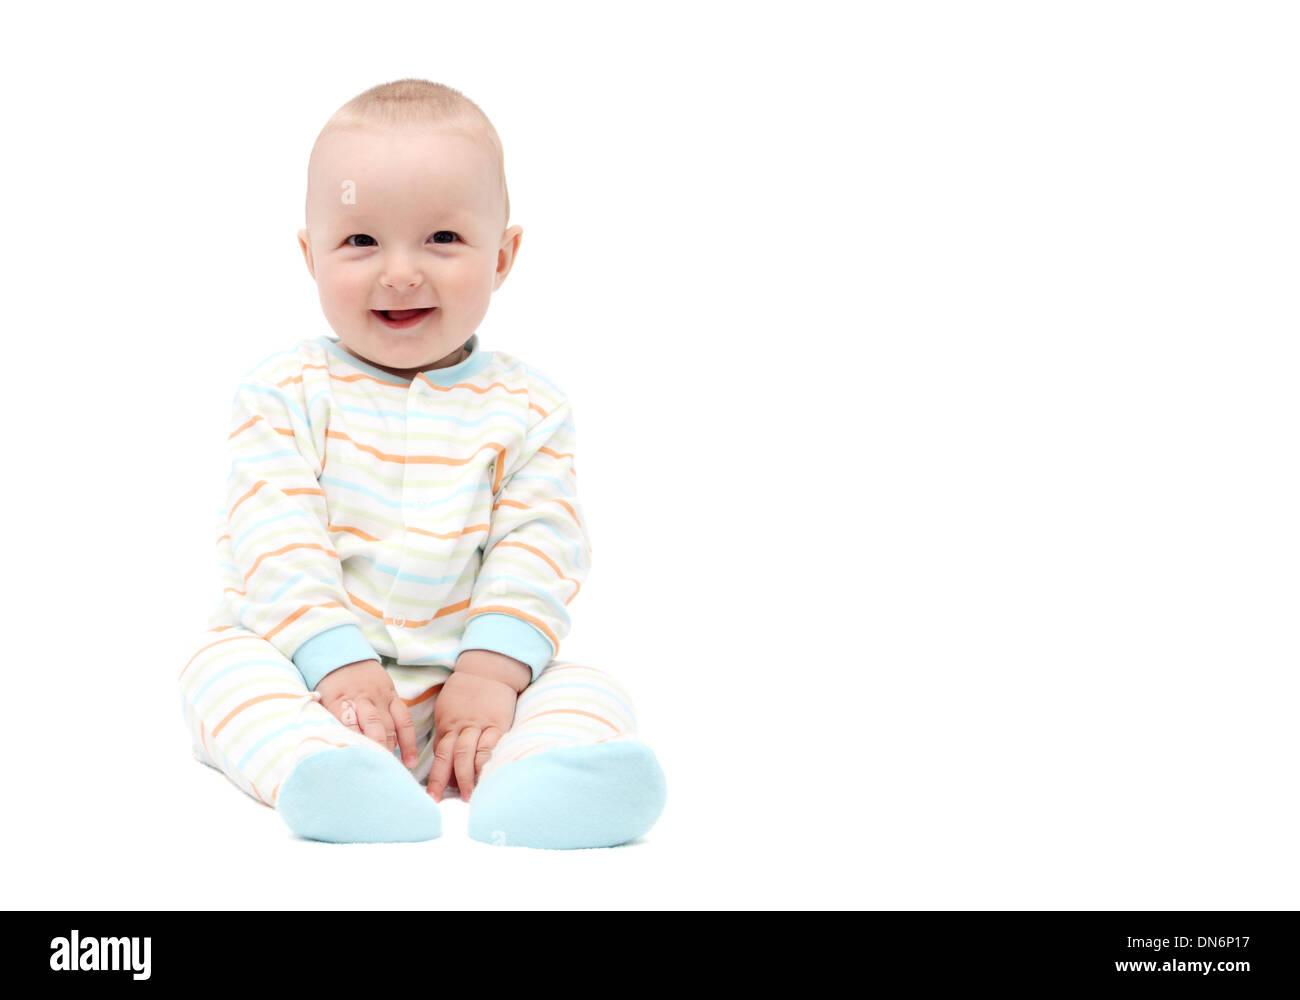 Laughing Baby hermoso muchacho sentado sobre fondo blanco. Foto de stock